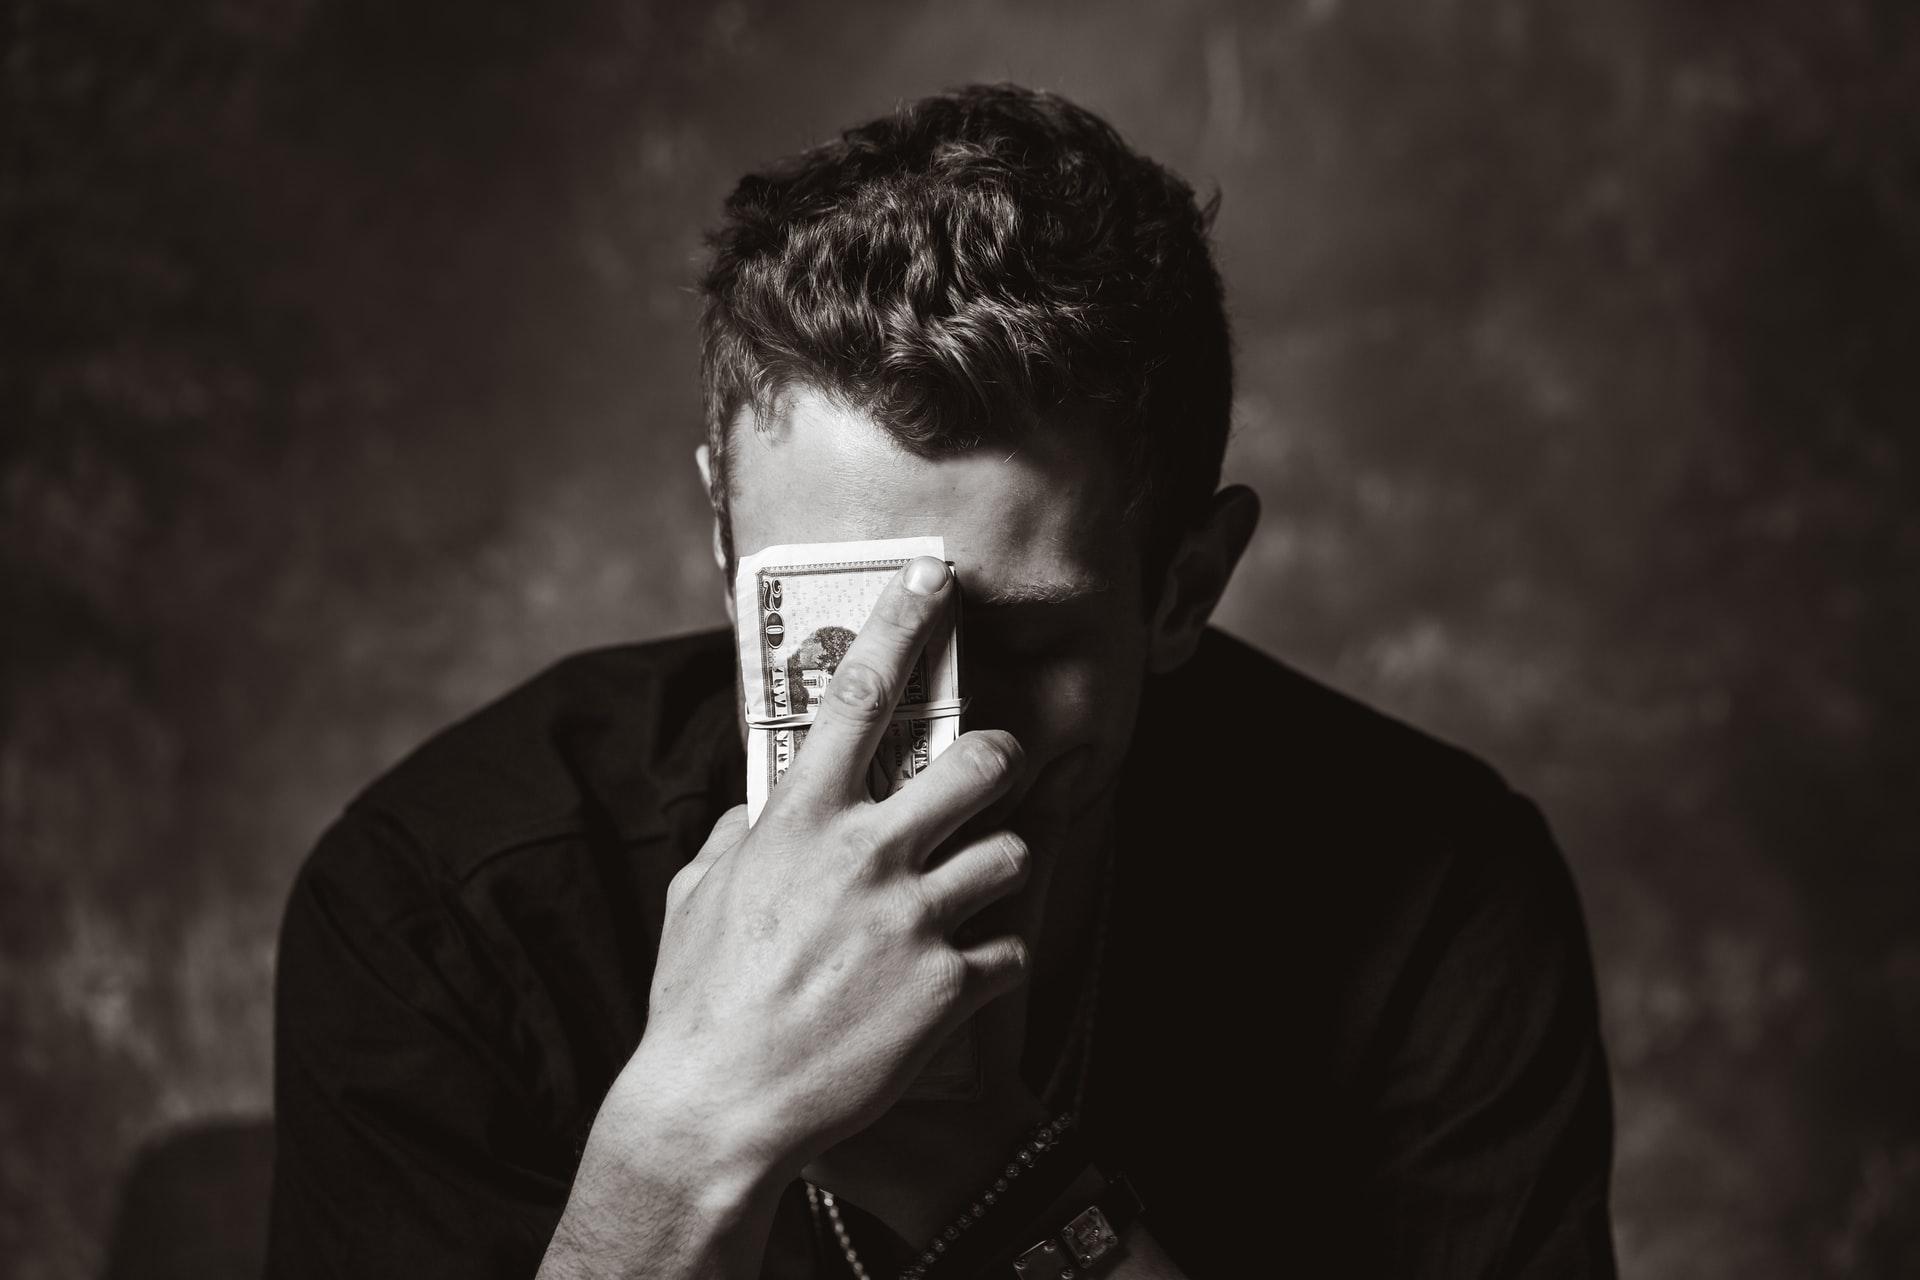 Dinero y poder, el espejismo de nuestra sociedad capitalista